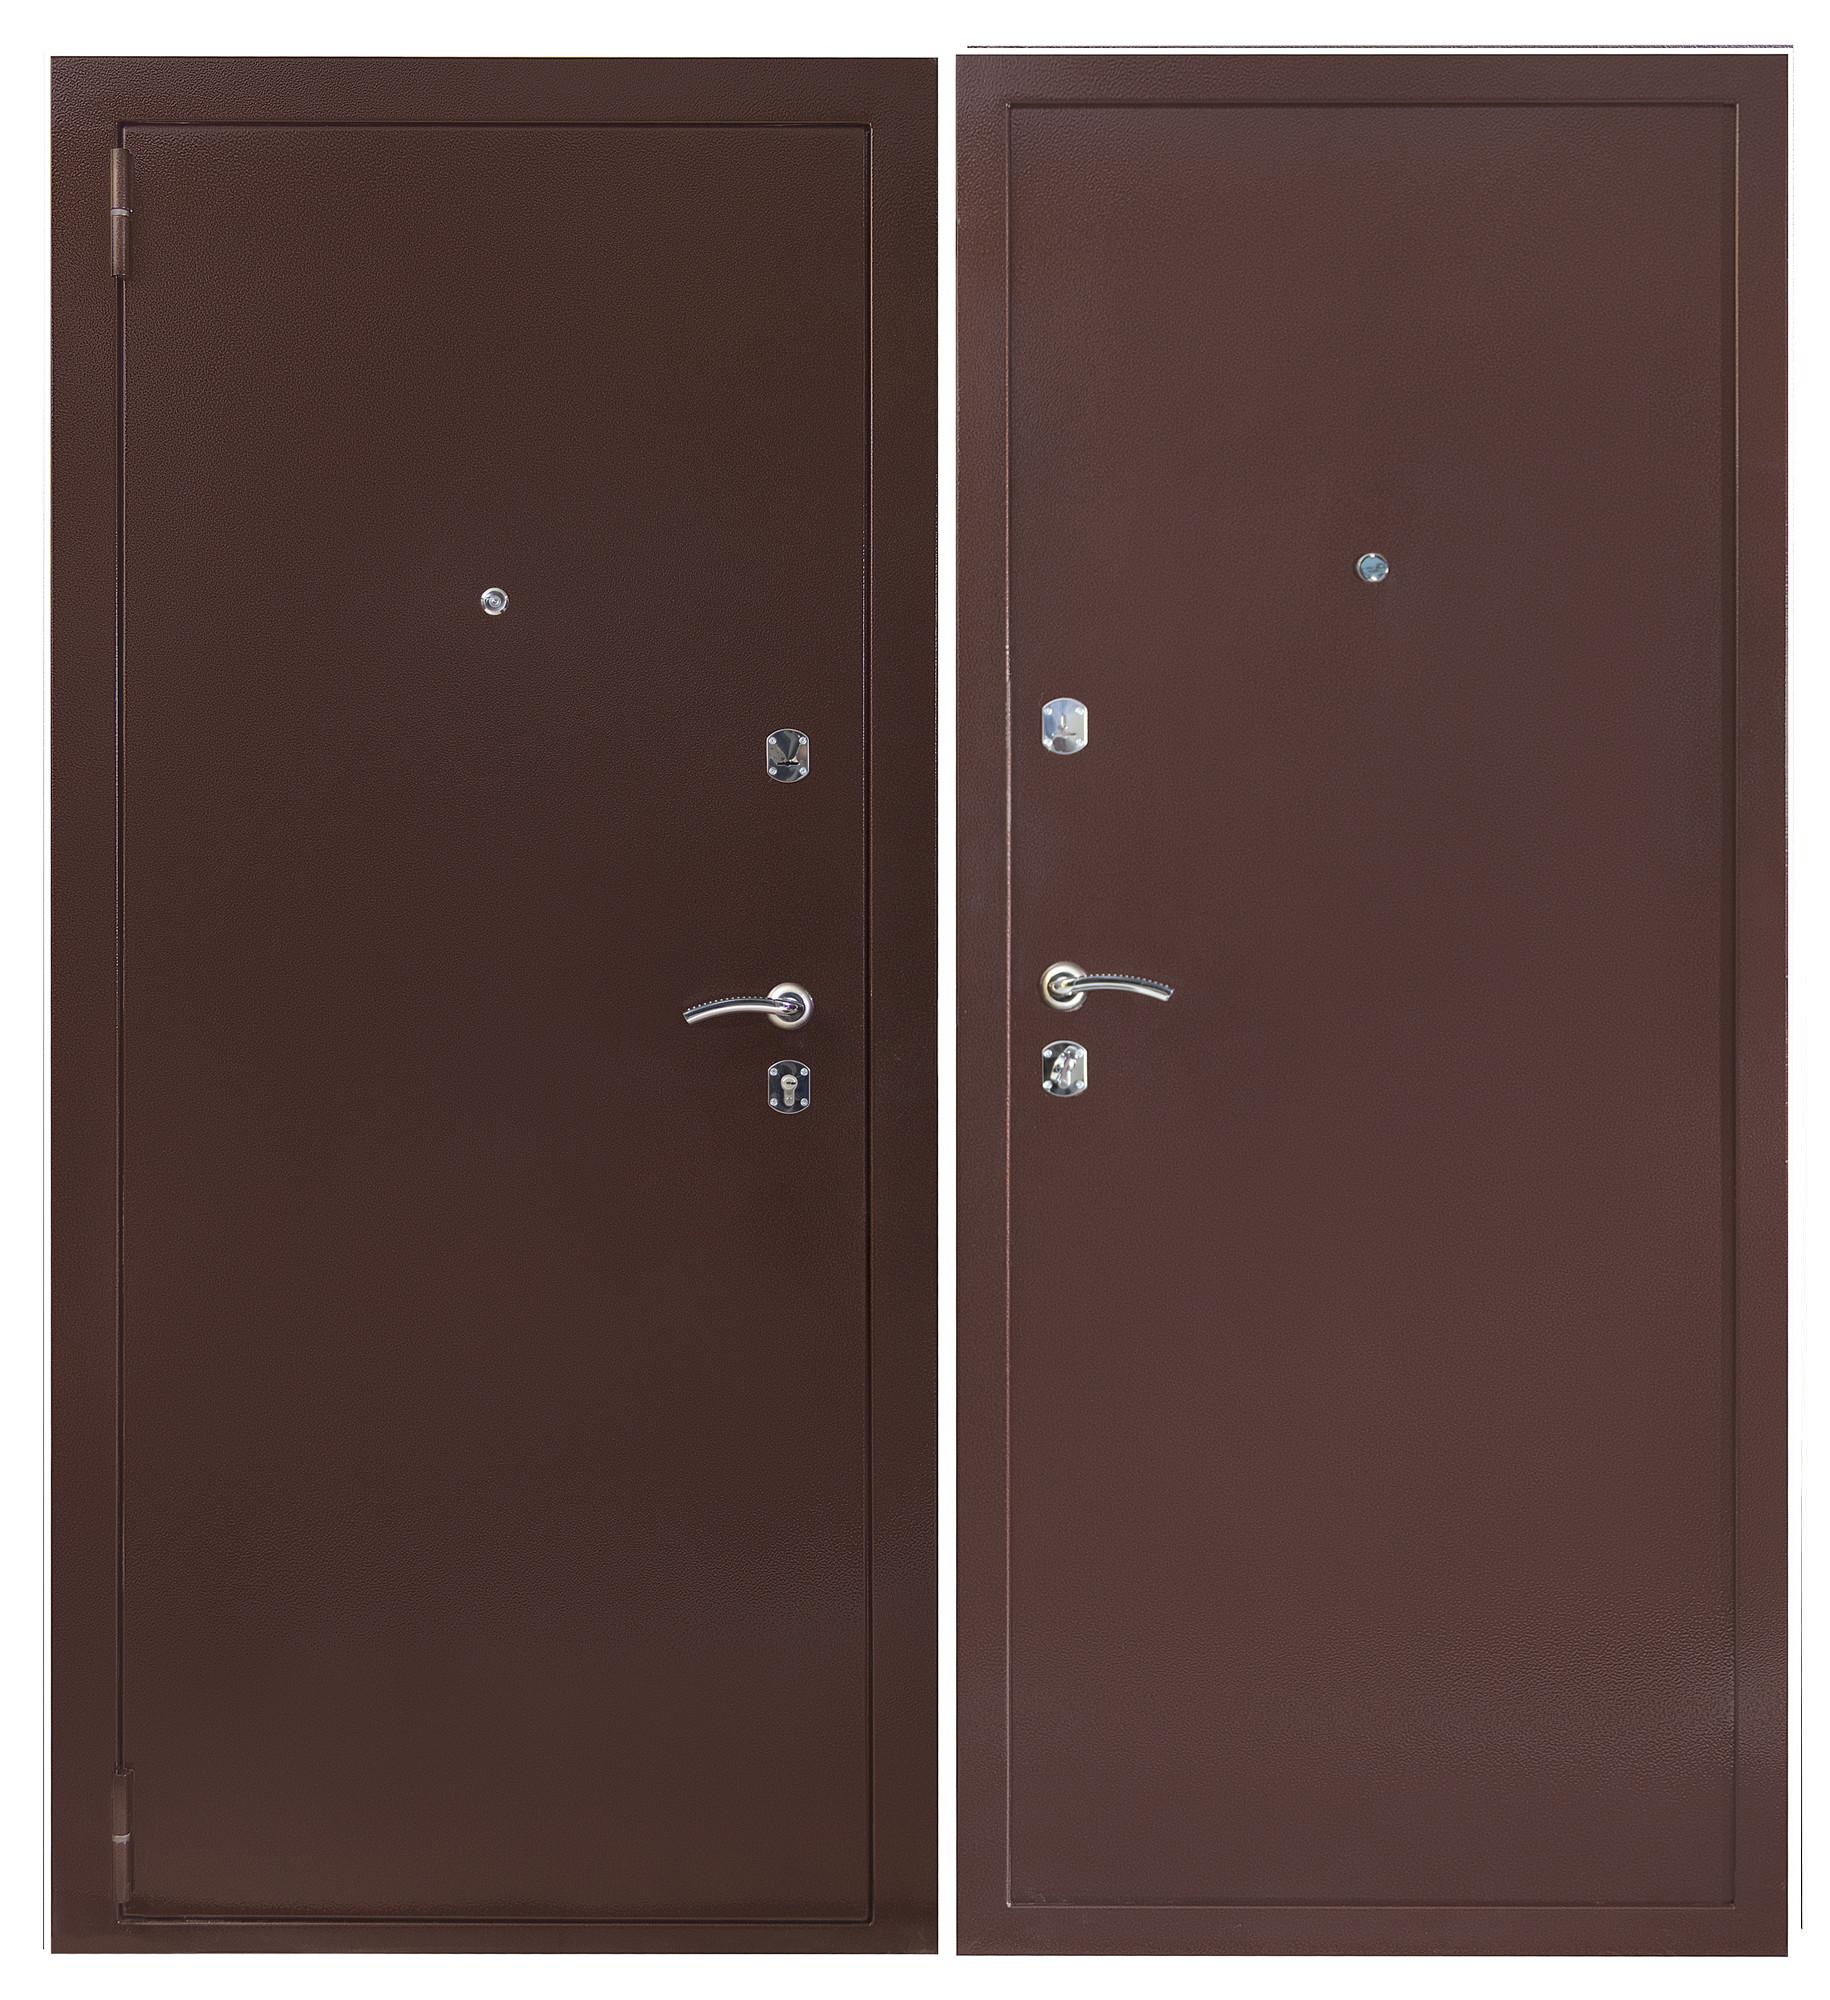 Сейф-дверь Sidoorov S 80 Антик медь / Антик медь